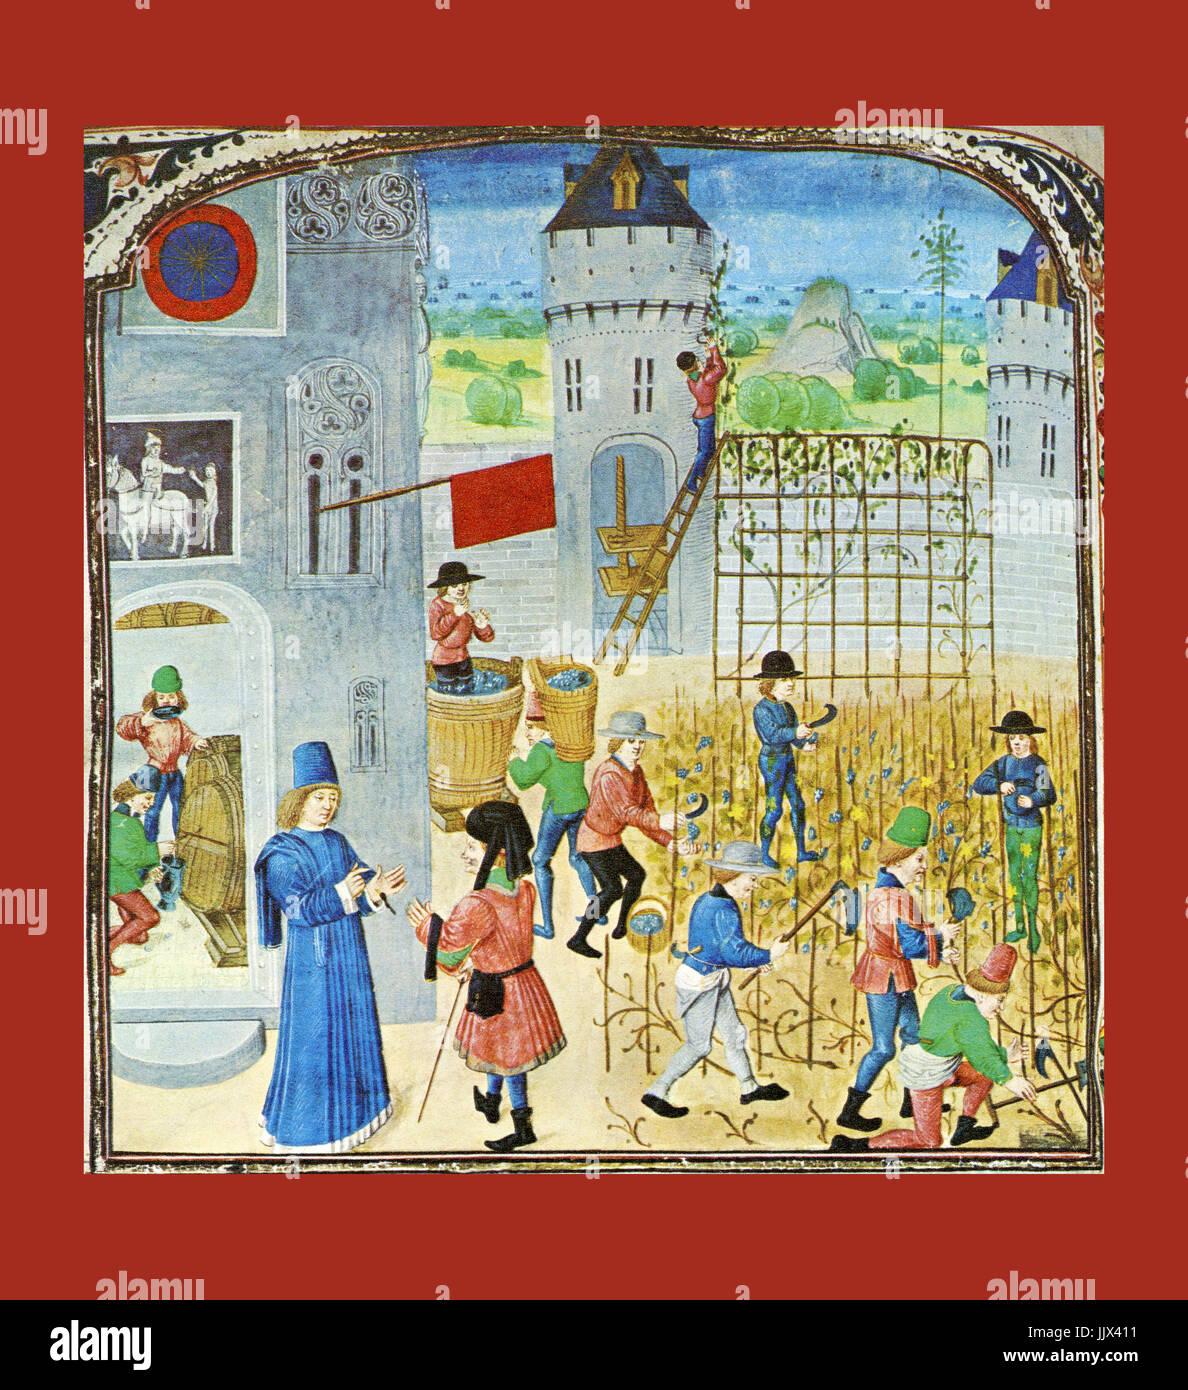 """Storico raccolto di uve e vini di produzione design illuminata nel XV secolo da Pierre de Crescens """" Livre Immagini Stock"""